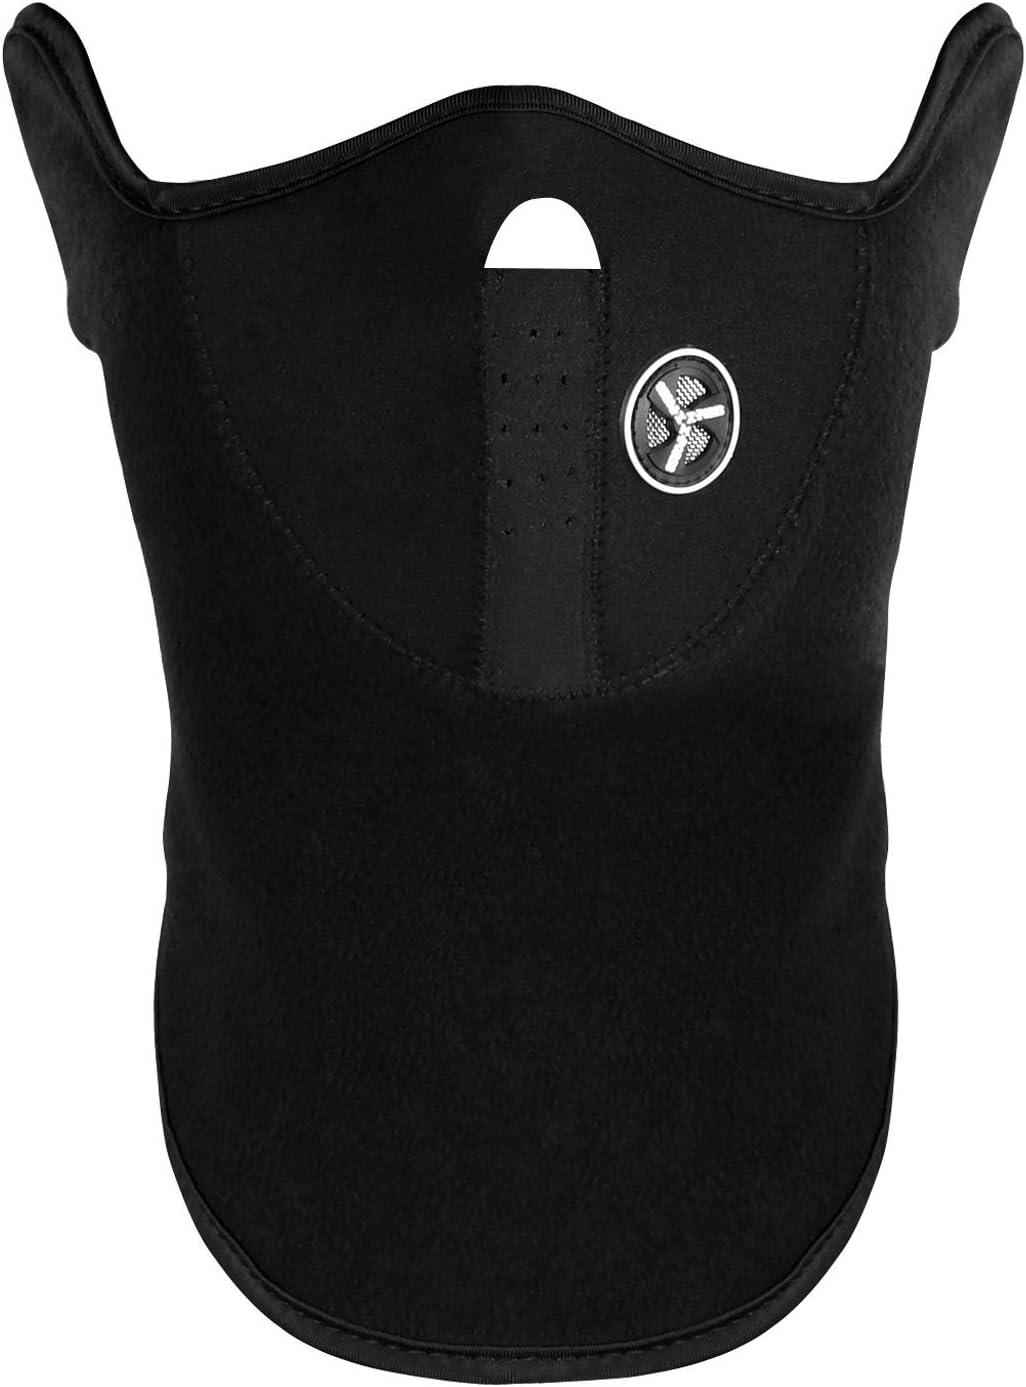 Shop Story–Máscara con forro polar para proteger la cara y el cuello del frío y el viento; apto para esquí, snowboard, motociclismo o bicicleta; color negro